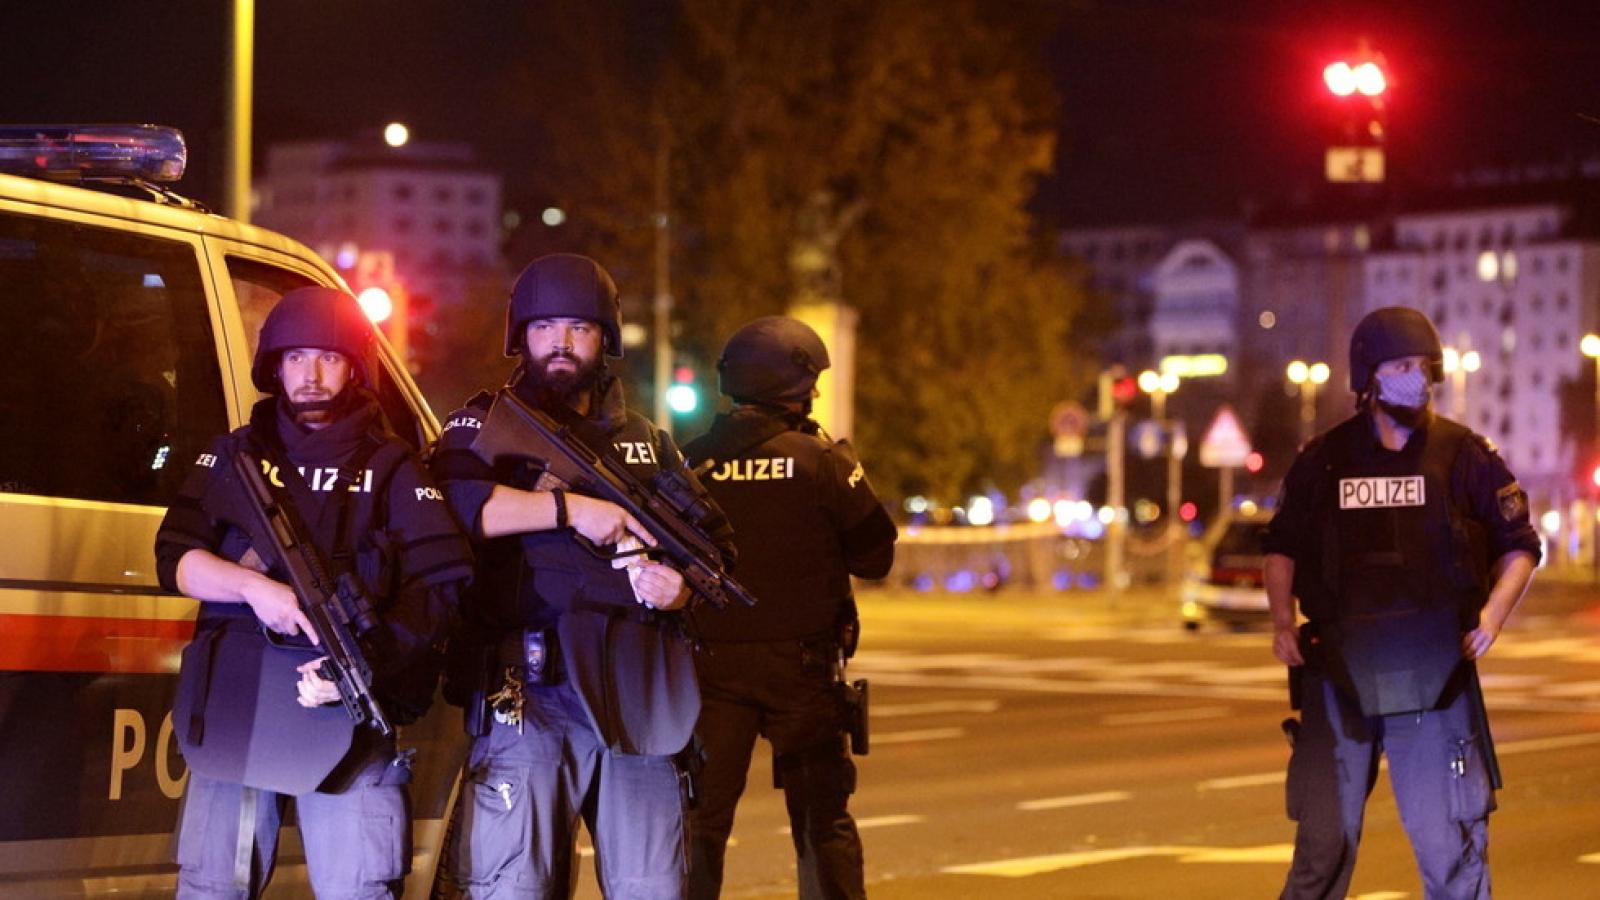 Áo tăng cường an ninh chống khủng bố trước thềm Giáng sinh